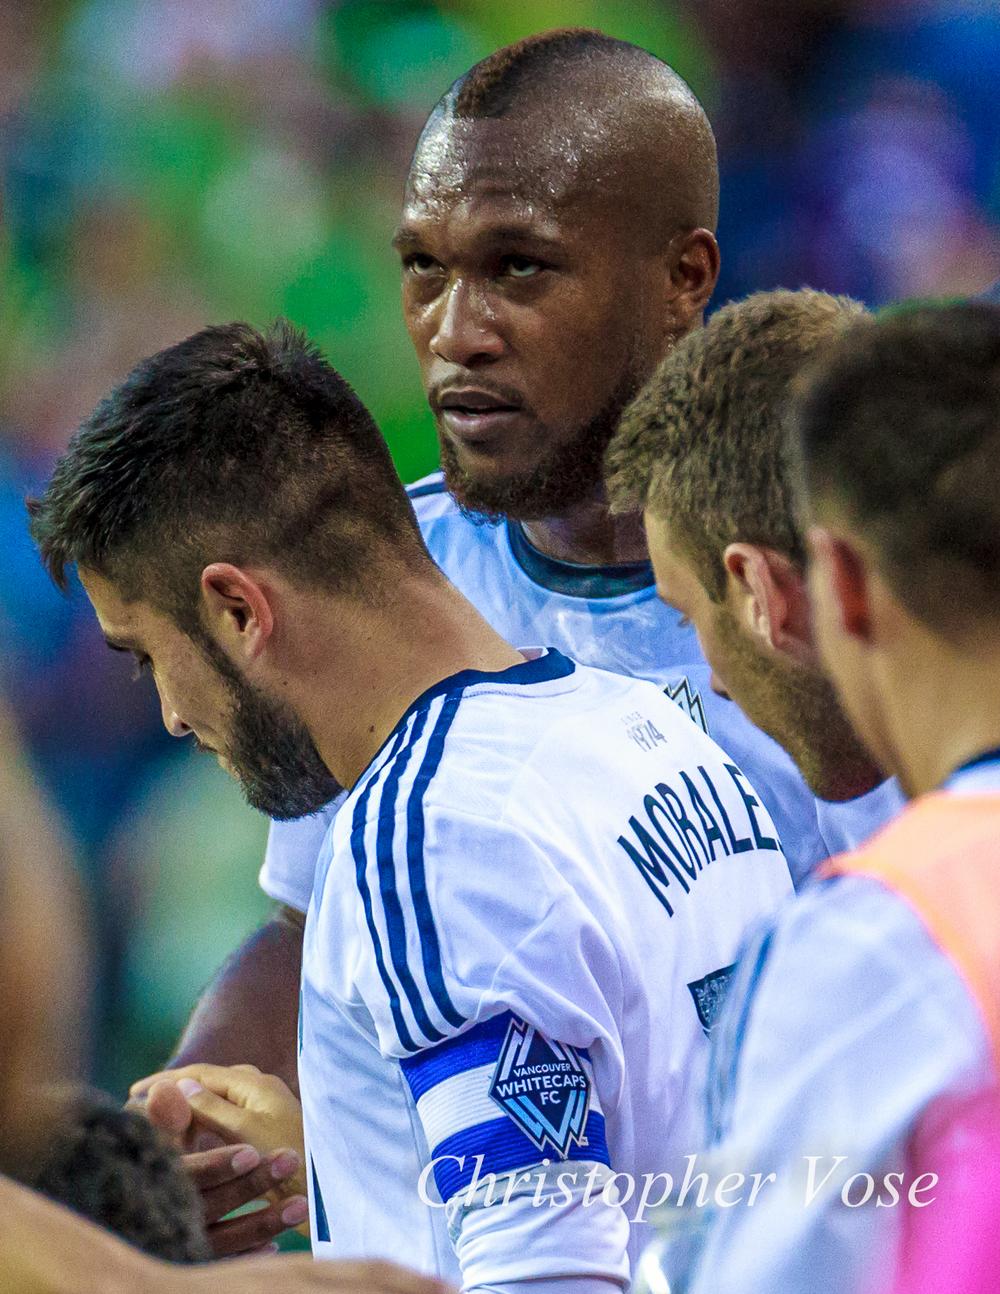 2015-08-01 Pedro Morales Goal Celebration.jpg